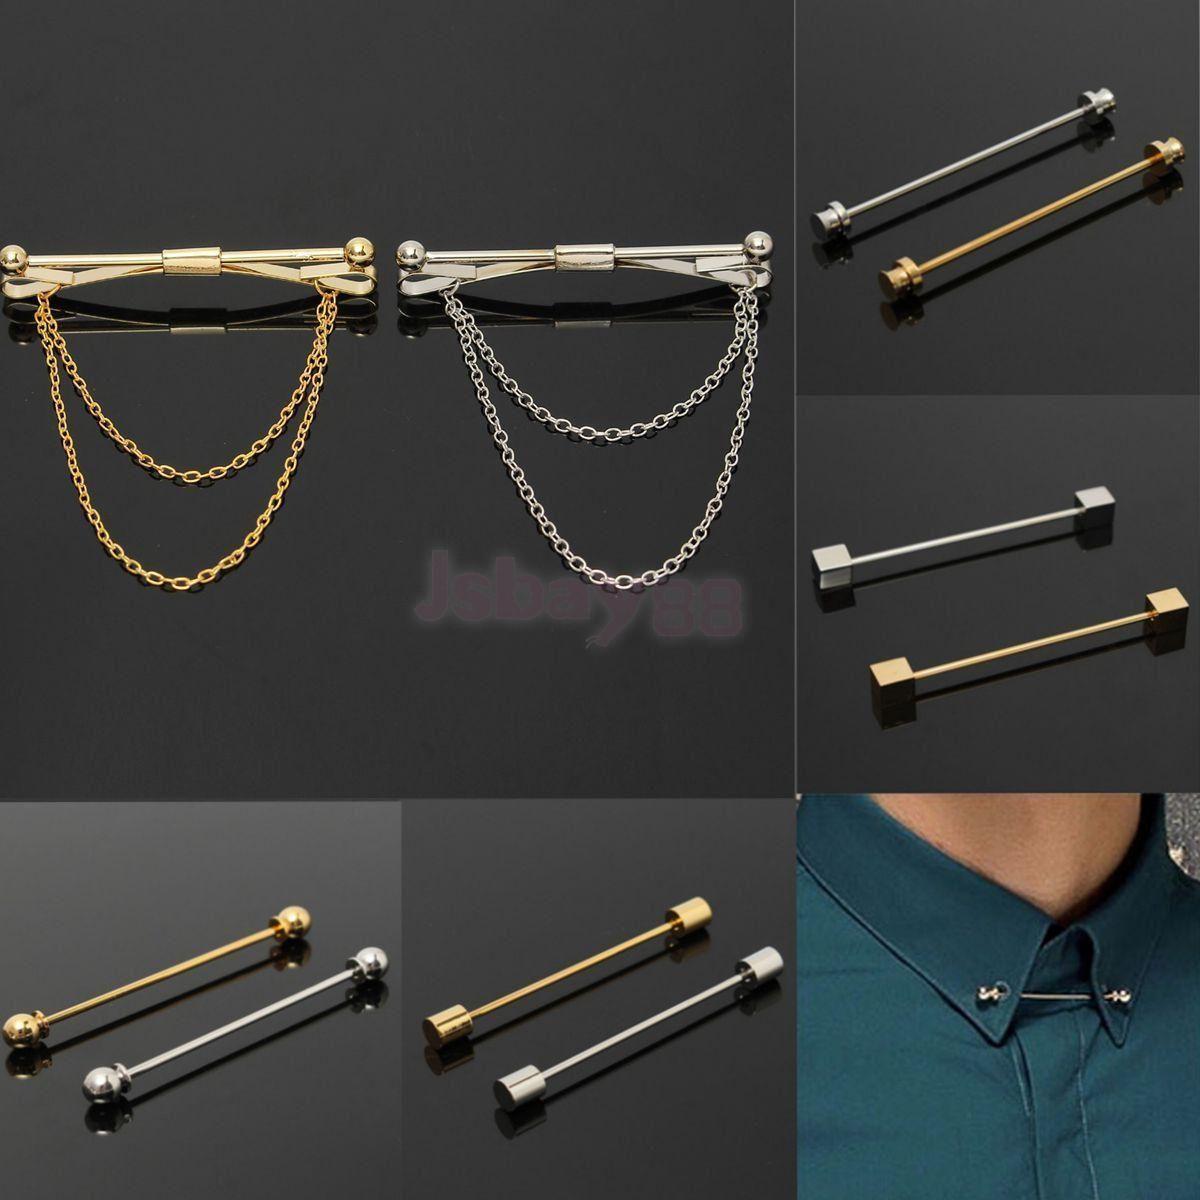 2 Piece Necktie Shirt Tie Collar Pin Tie Clip Clasp Bar Brooch Men Accessory